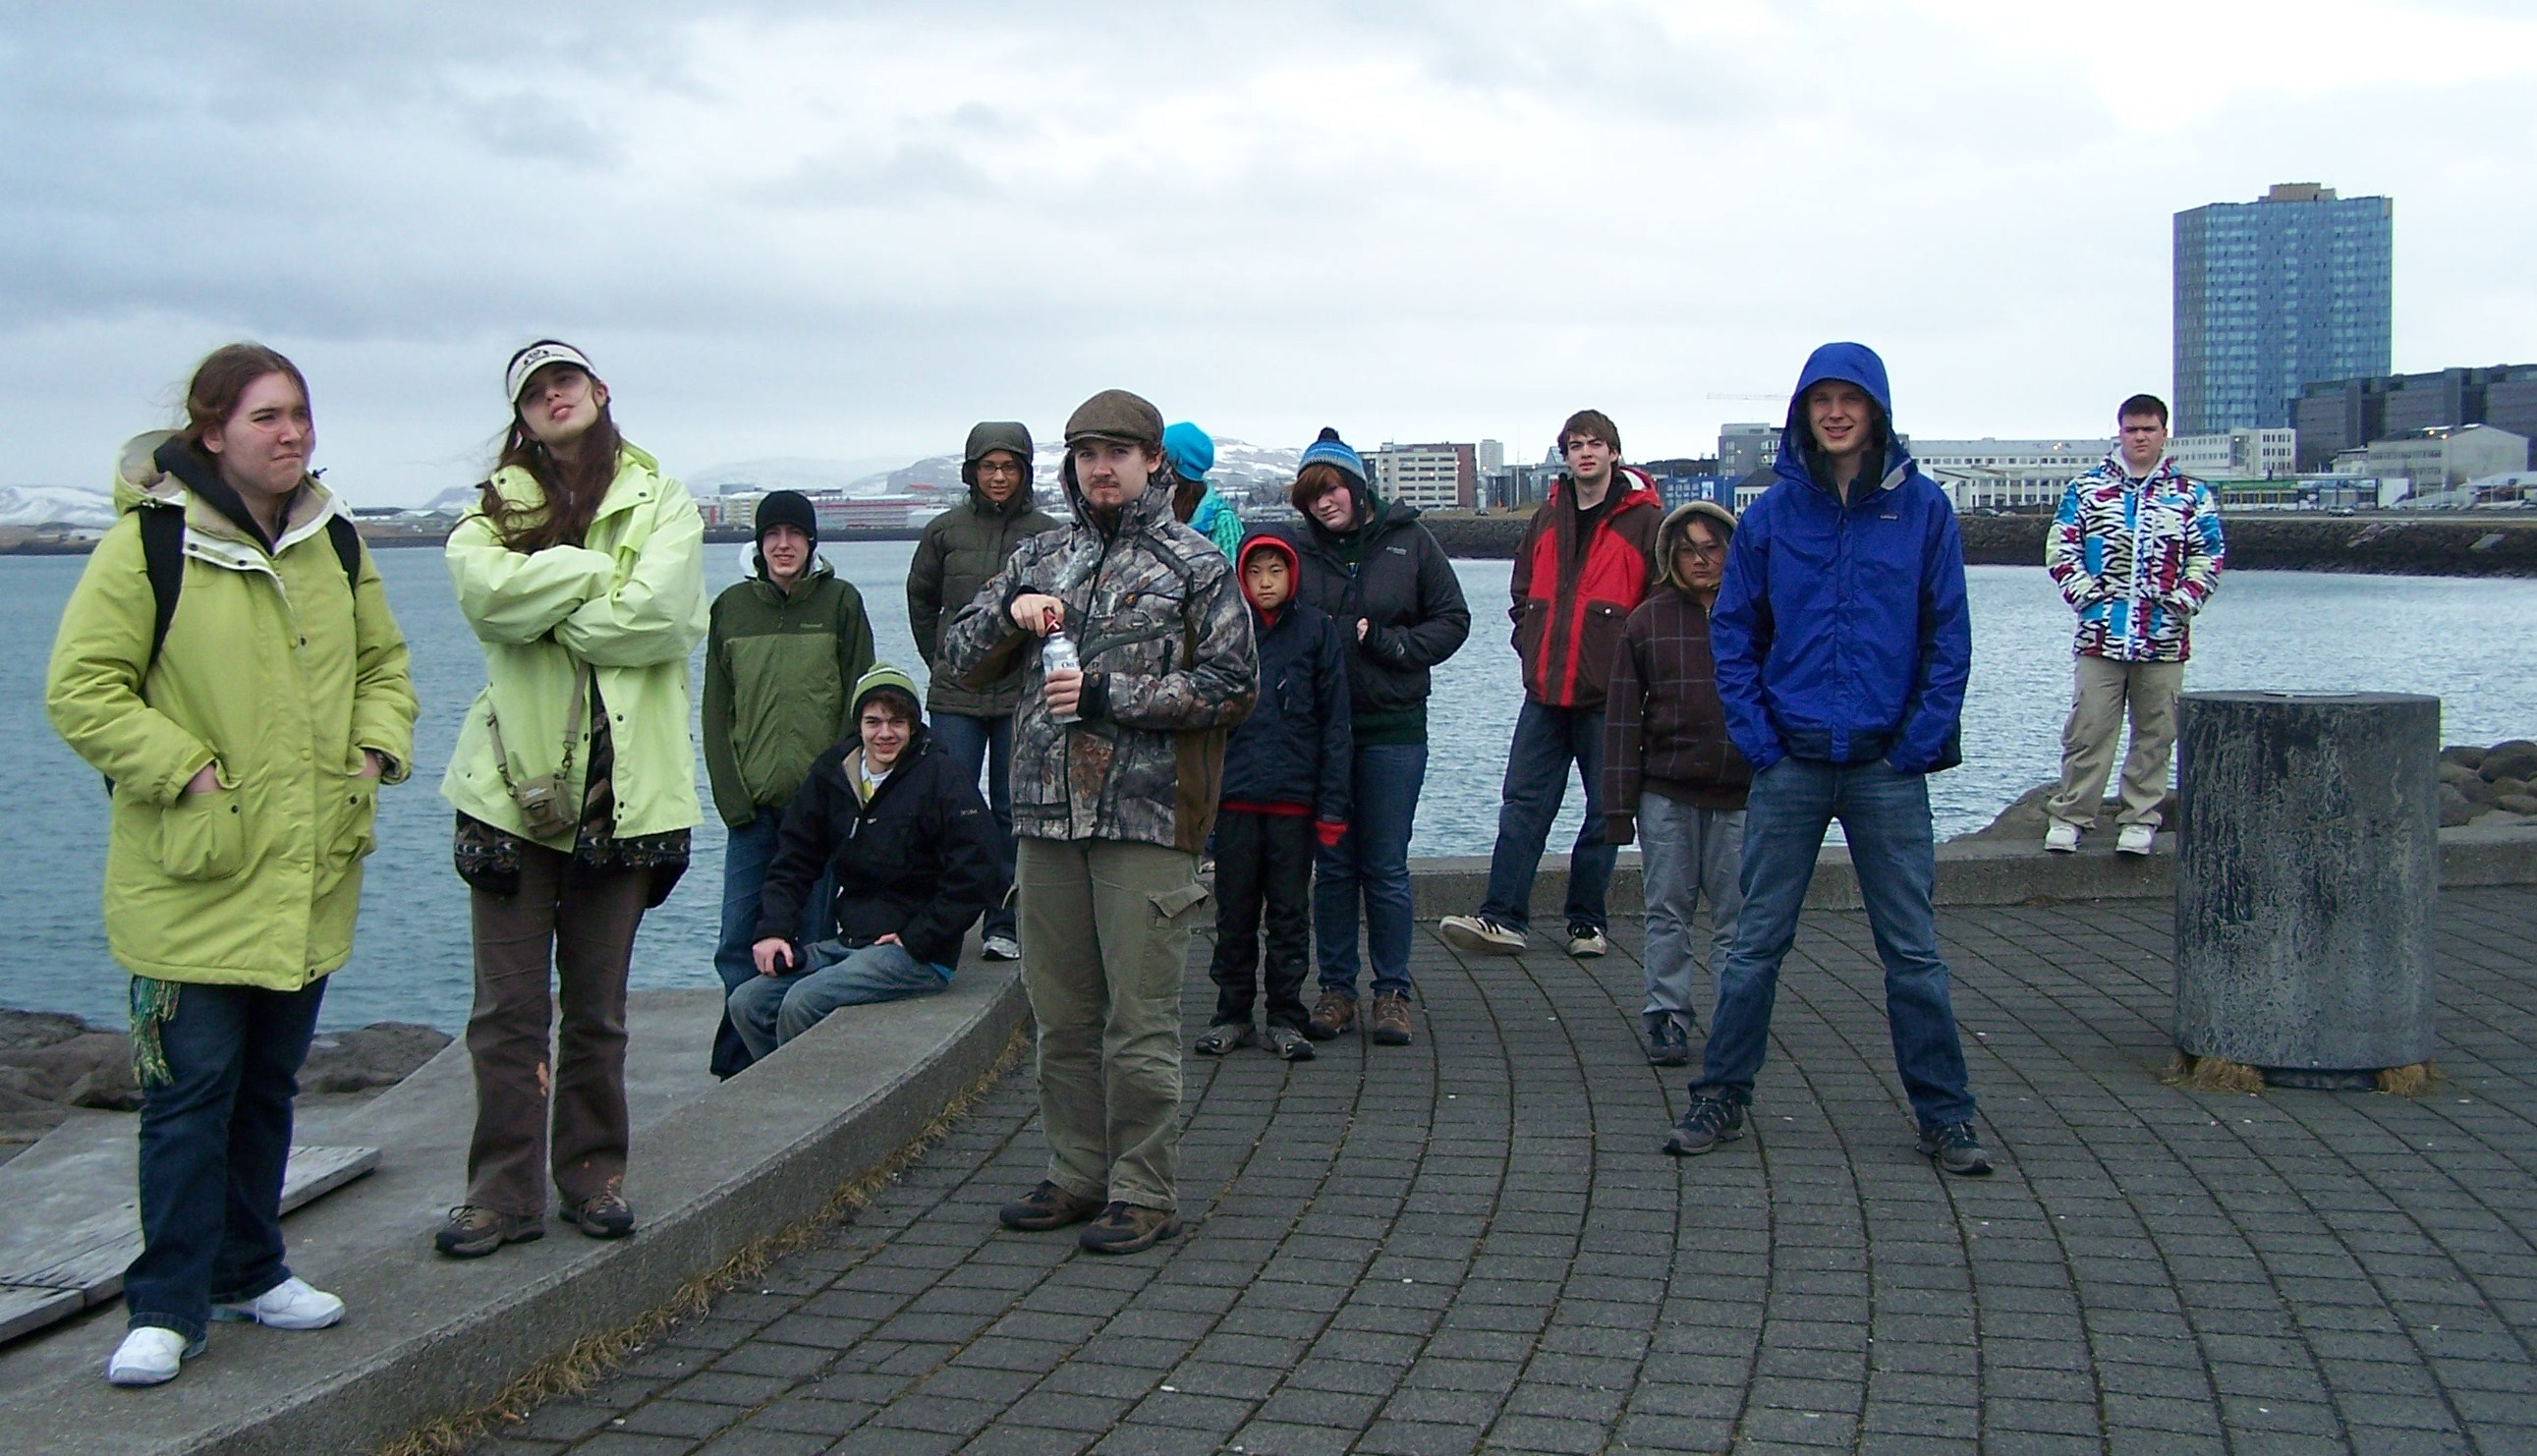 Atheneum in Reykjavik